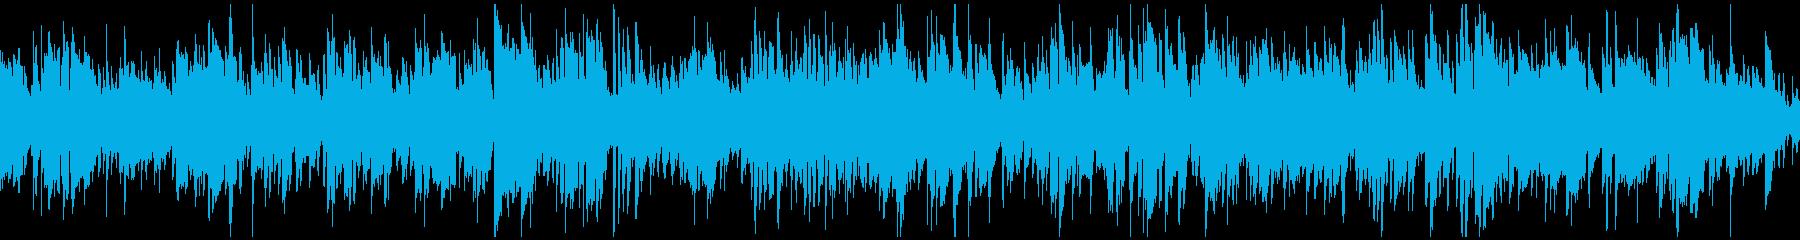 大人なカフェラウンジ系ボサノバ※ループ版の再生済みの波形